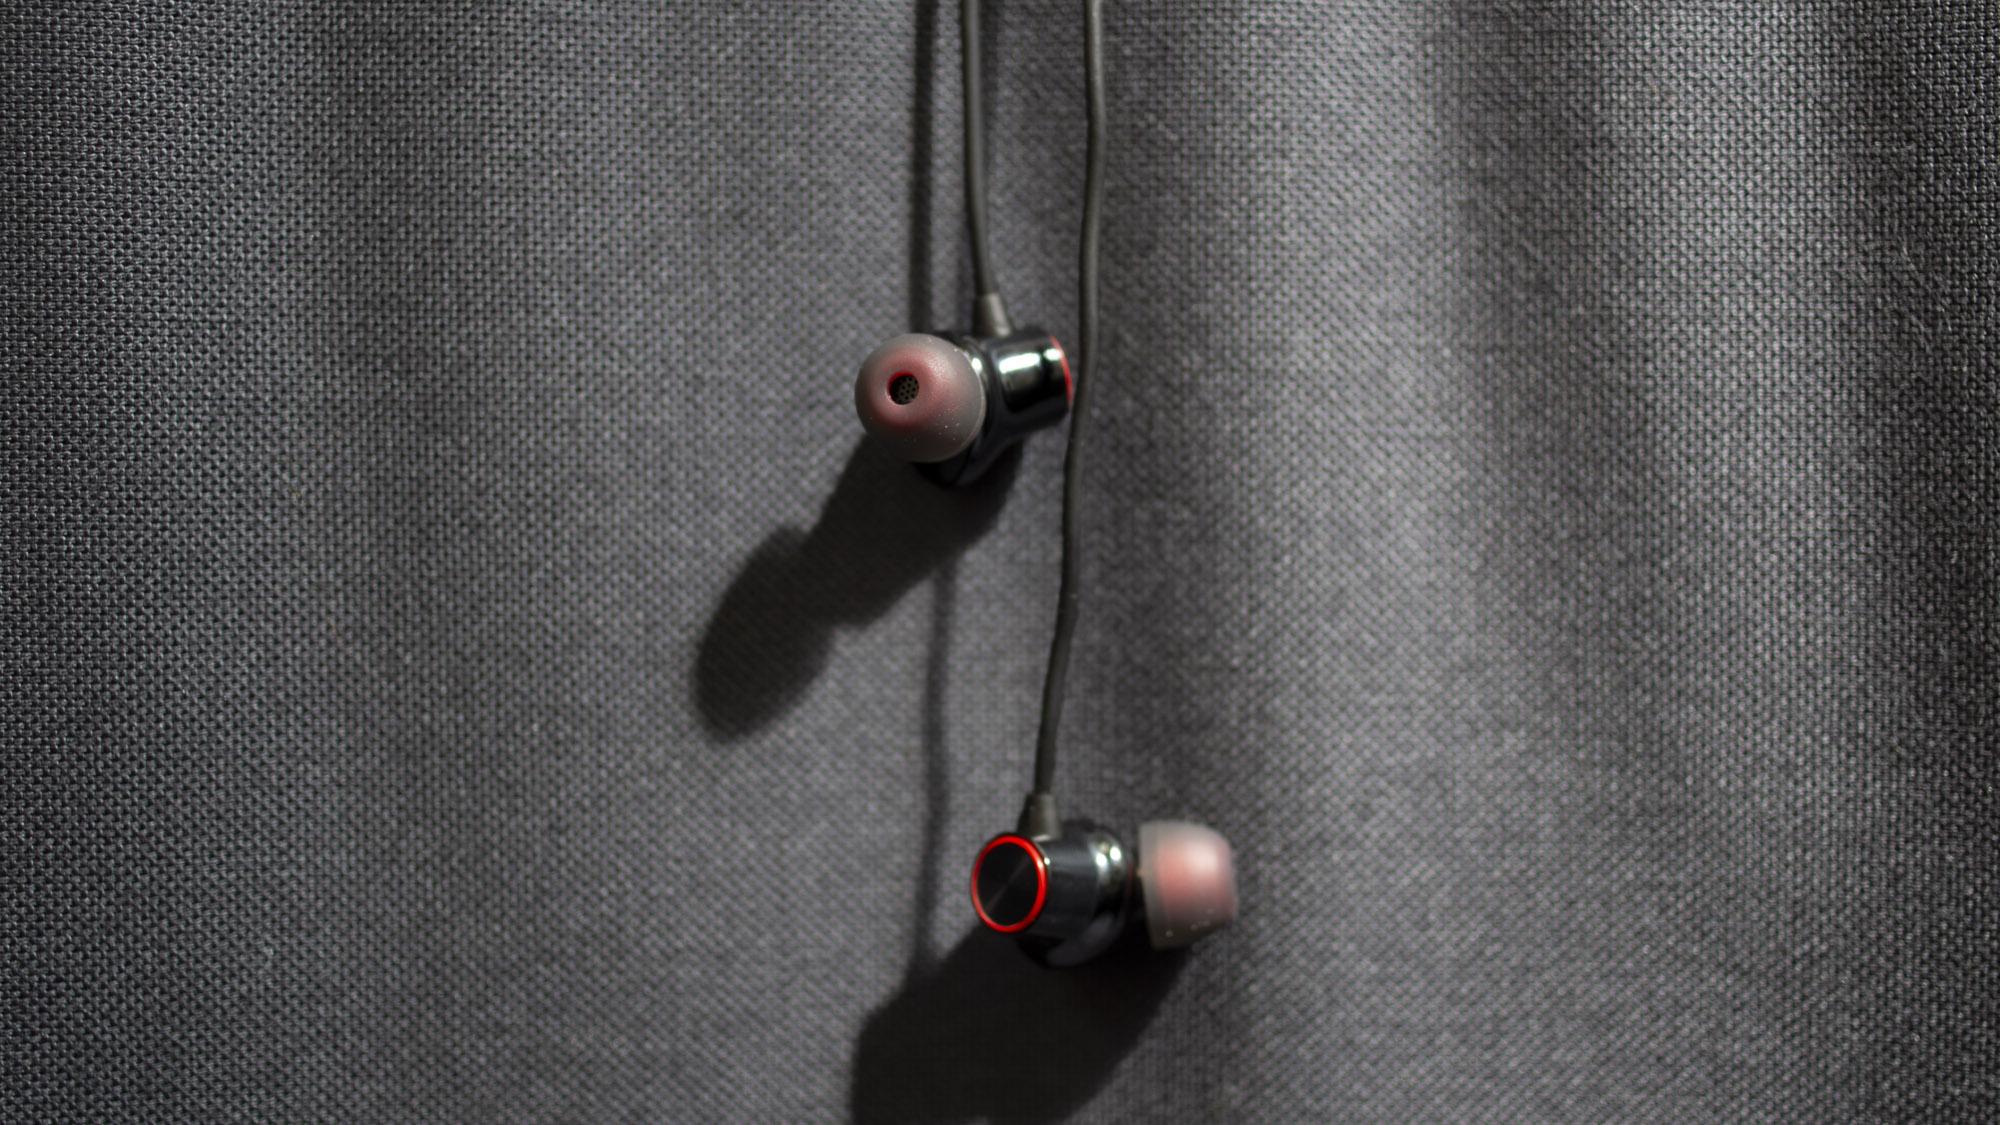 Đạn OnePlus không dây 2 đánh giá: giảm 43% cho tai nghe không dây fab của OnePlus